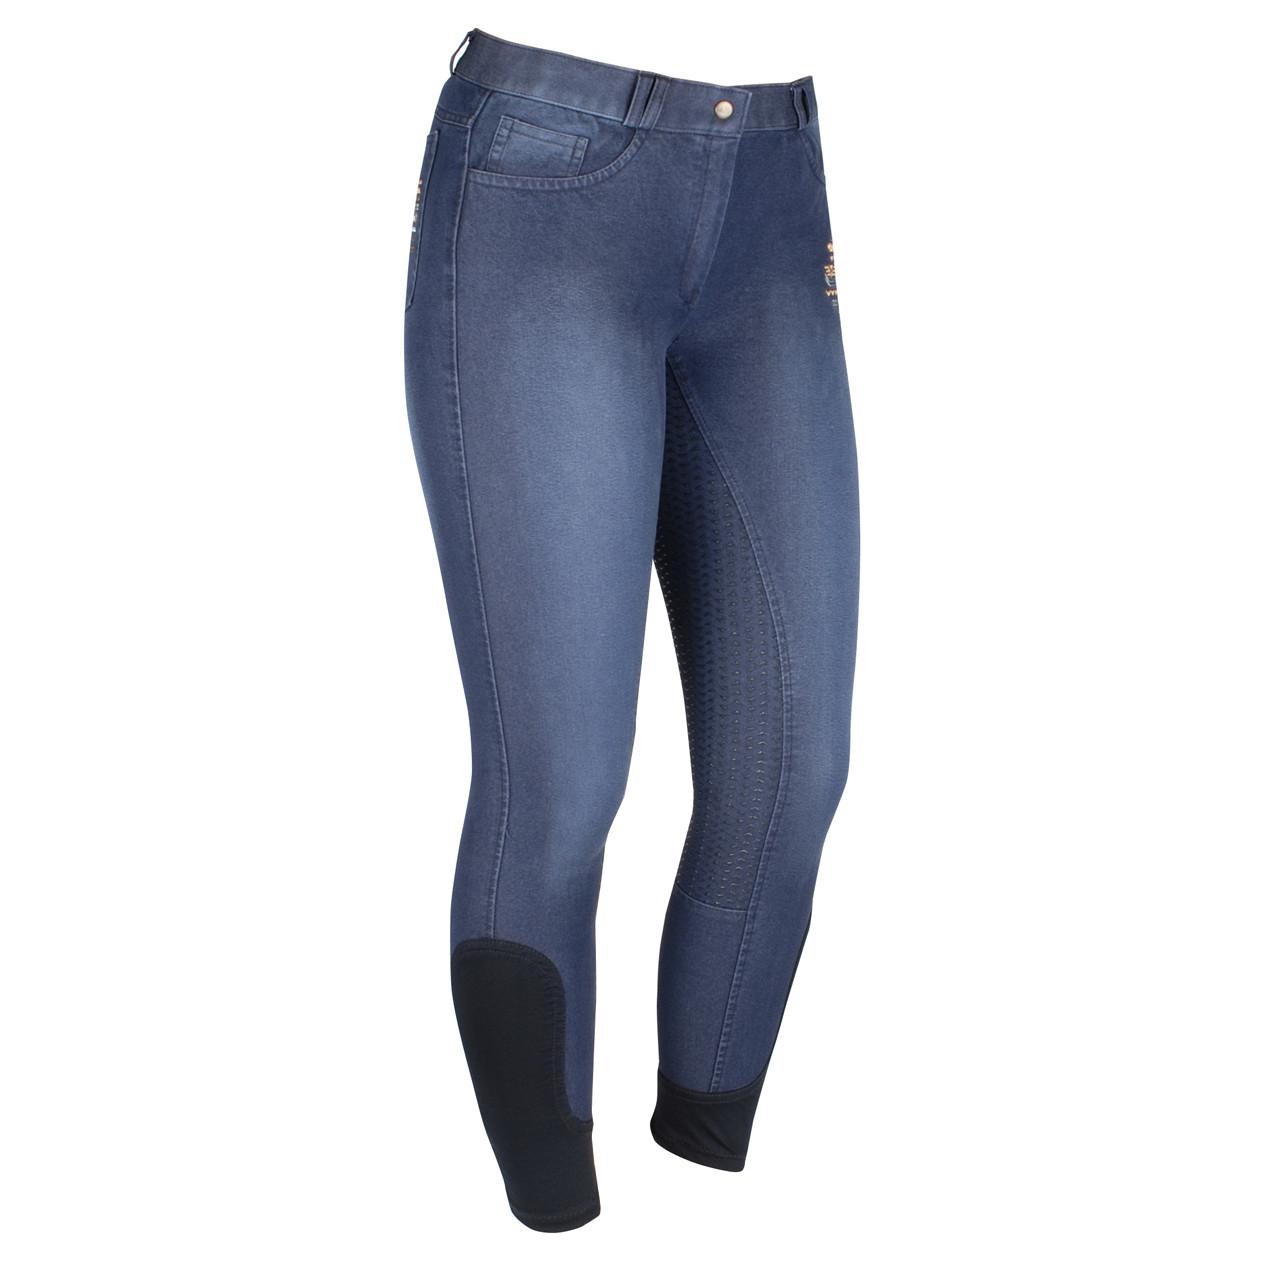 Mondoni Eivissa rijbroek jeans maat:46